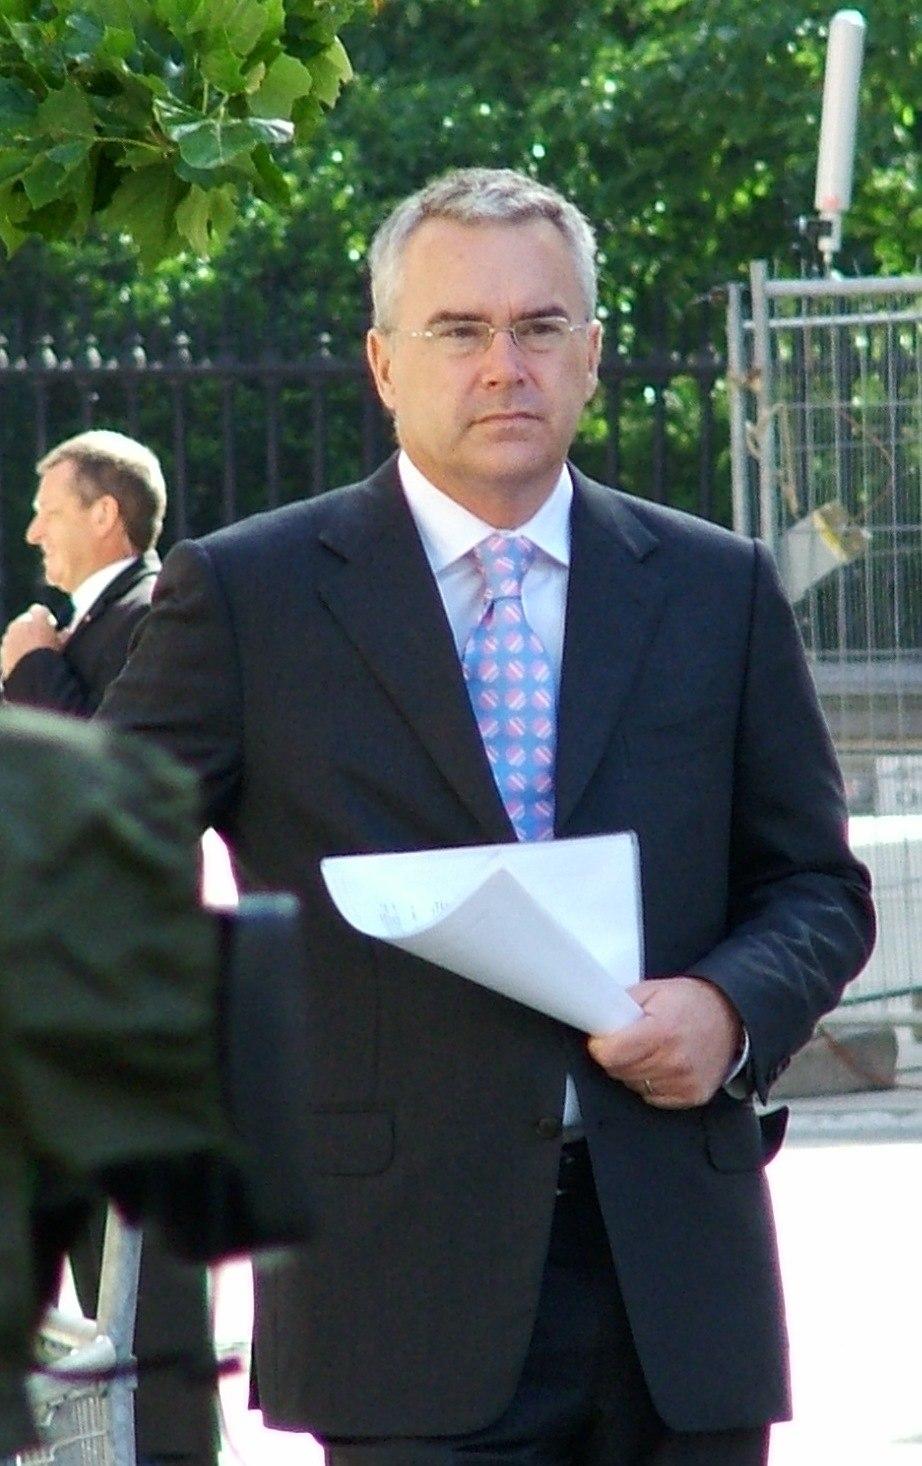 Huw Edwards (journalist), June 2006